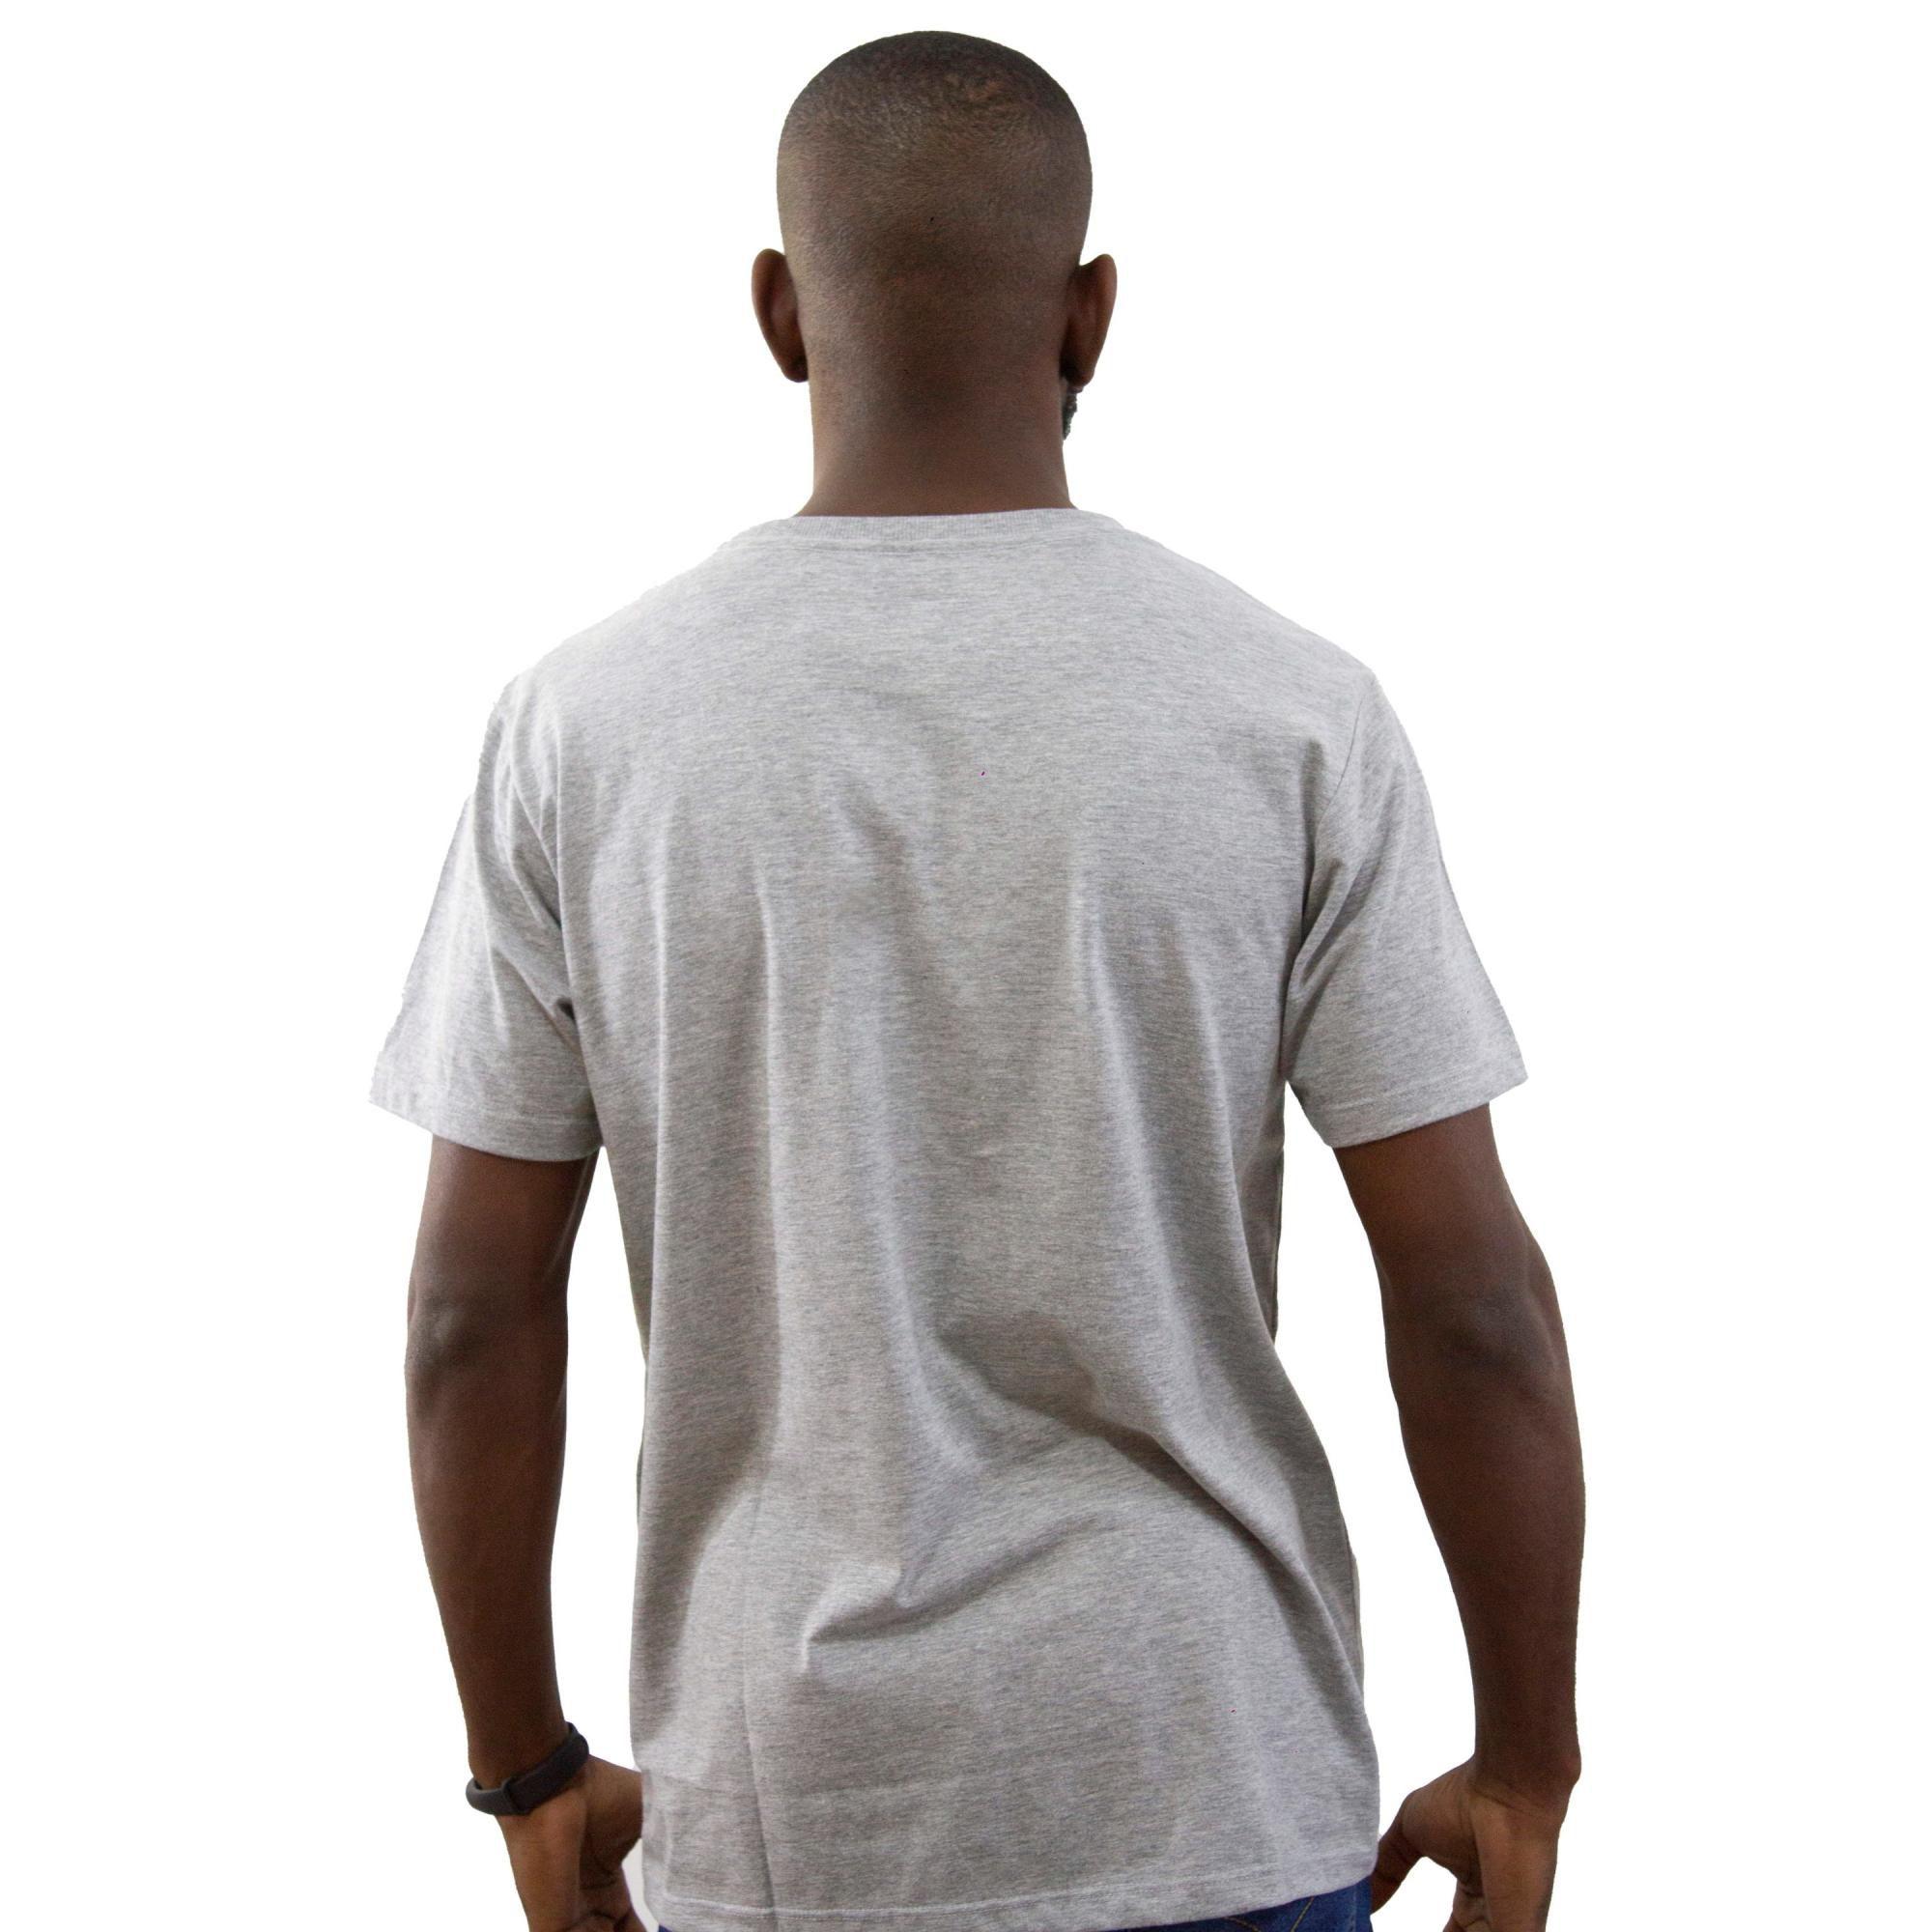 Camiseta New Era Basic Mescla Cinza